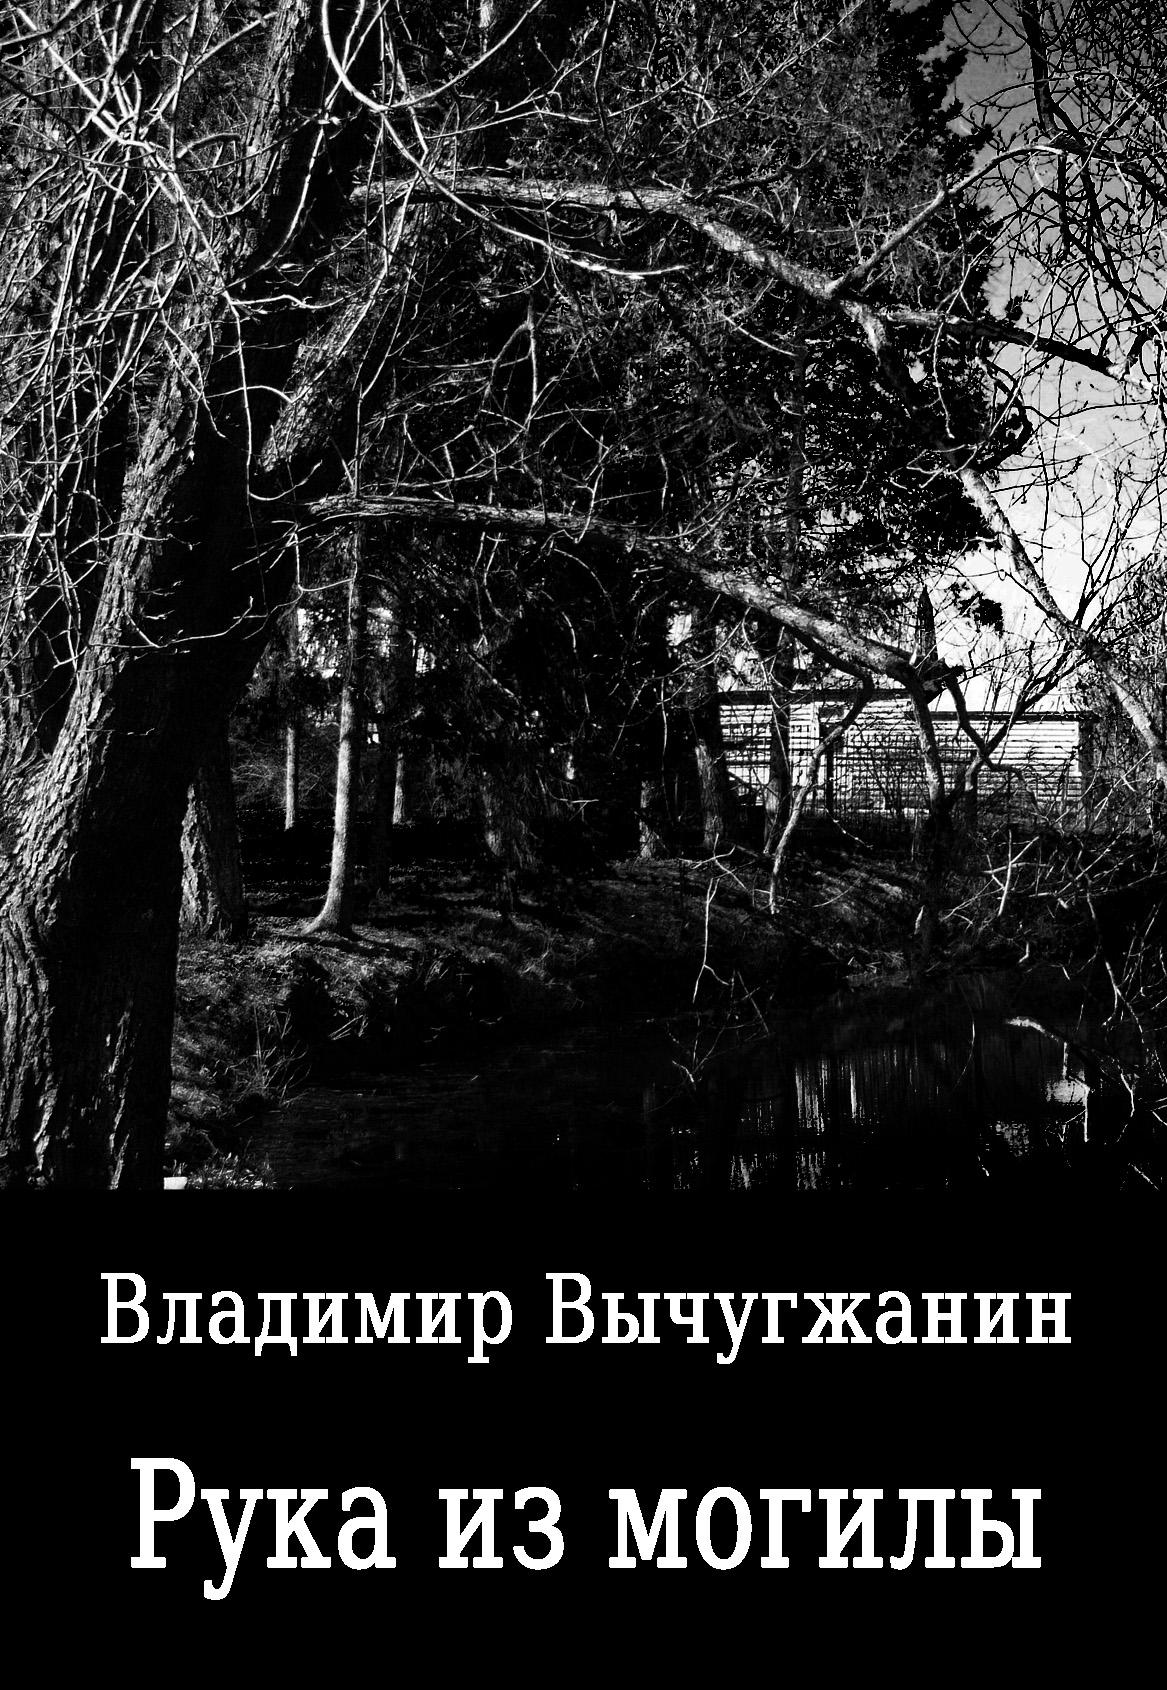 Владимир Вычугжанин Рука из могилы (сборник) торопыгин в в во вторых о себе